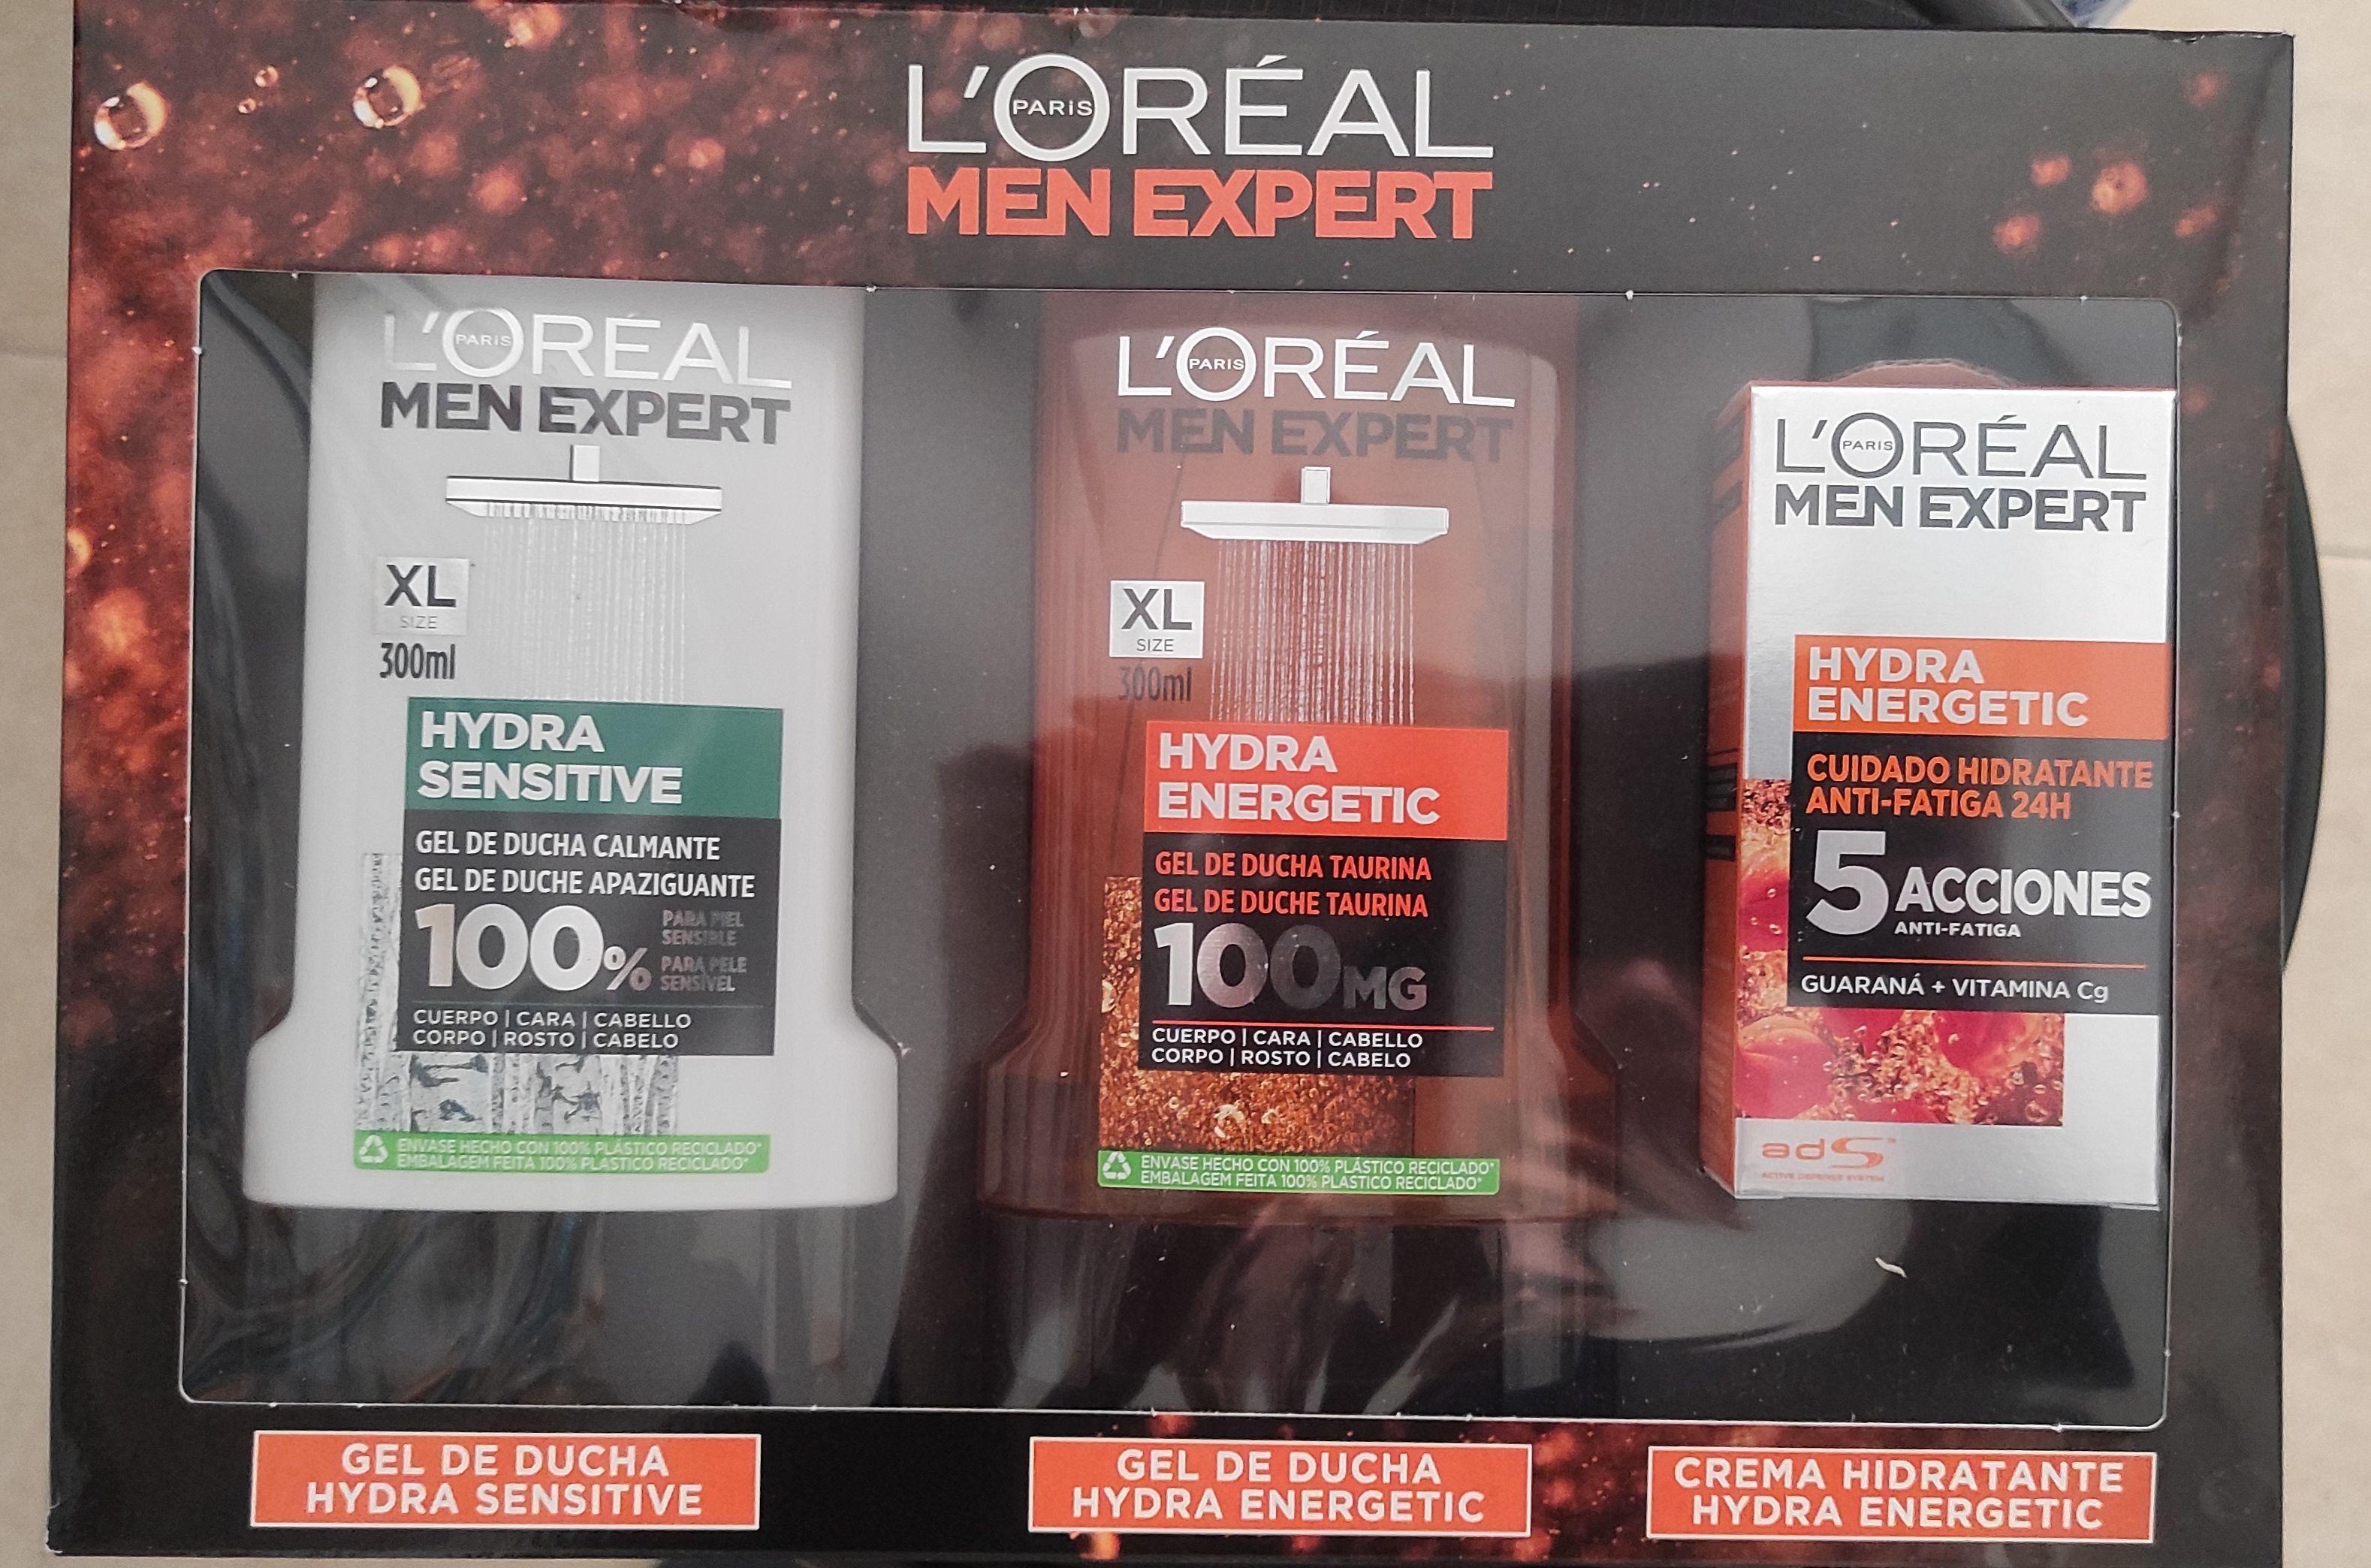 L'Oreal Men Expert - Pack Hydra